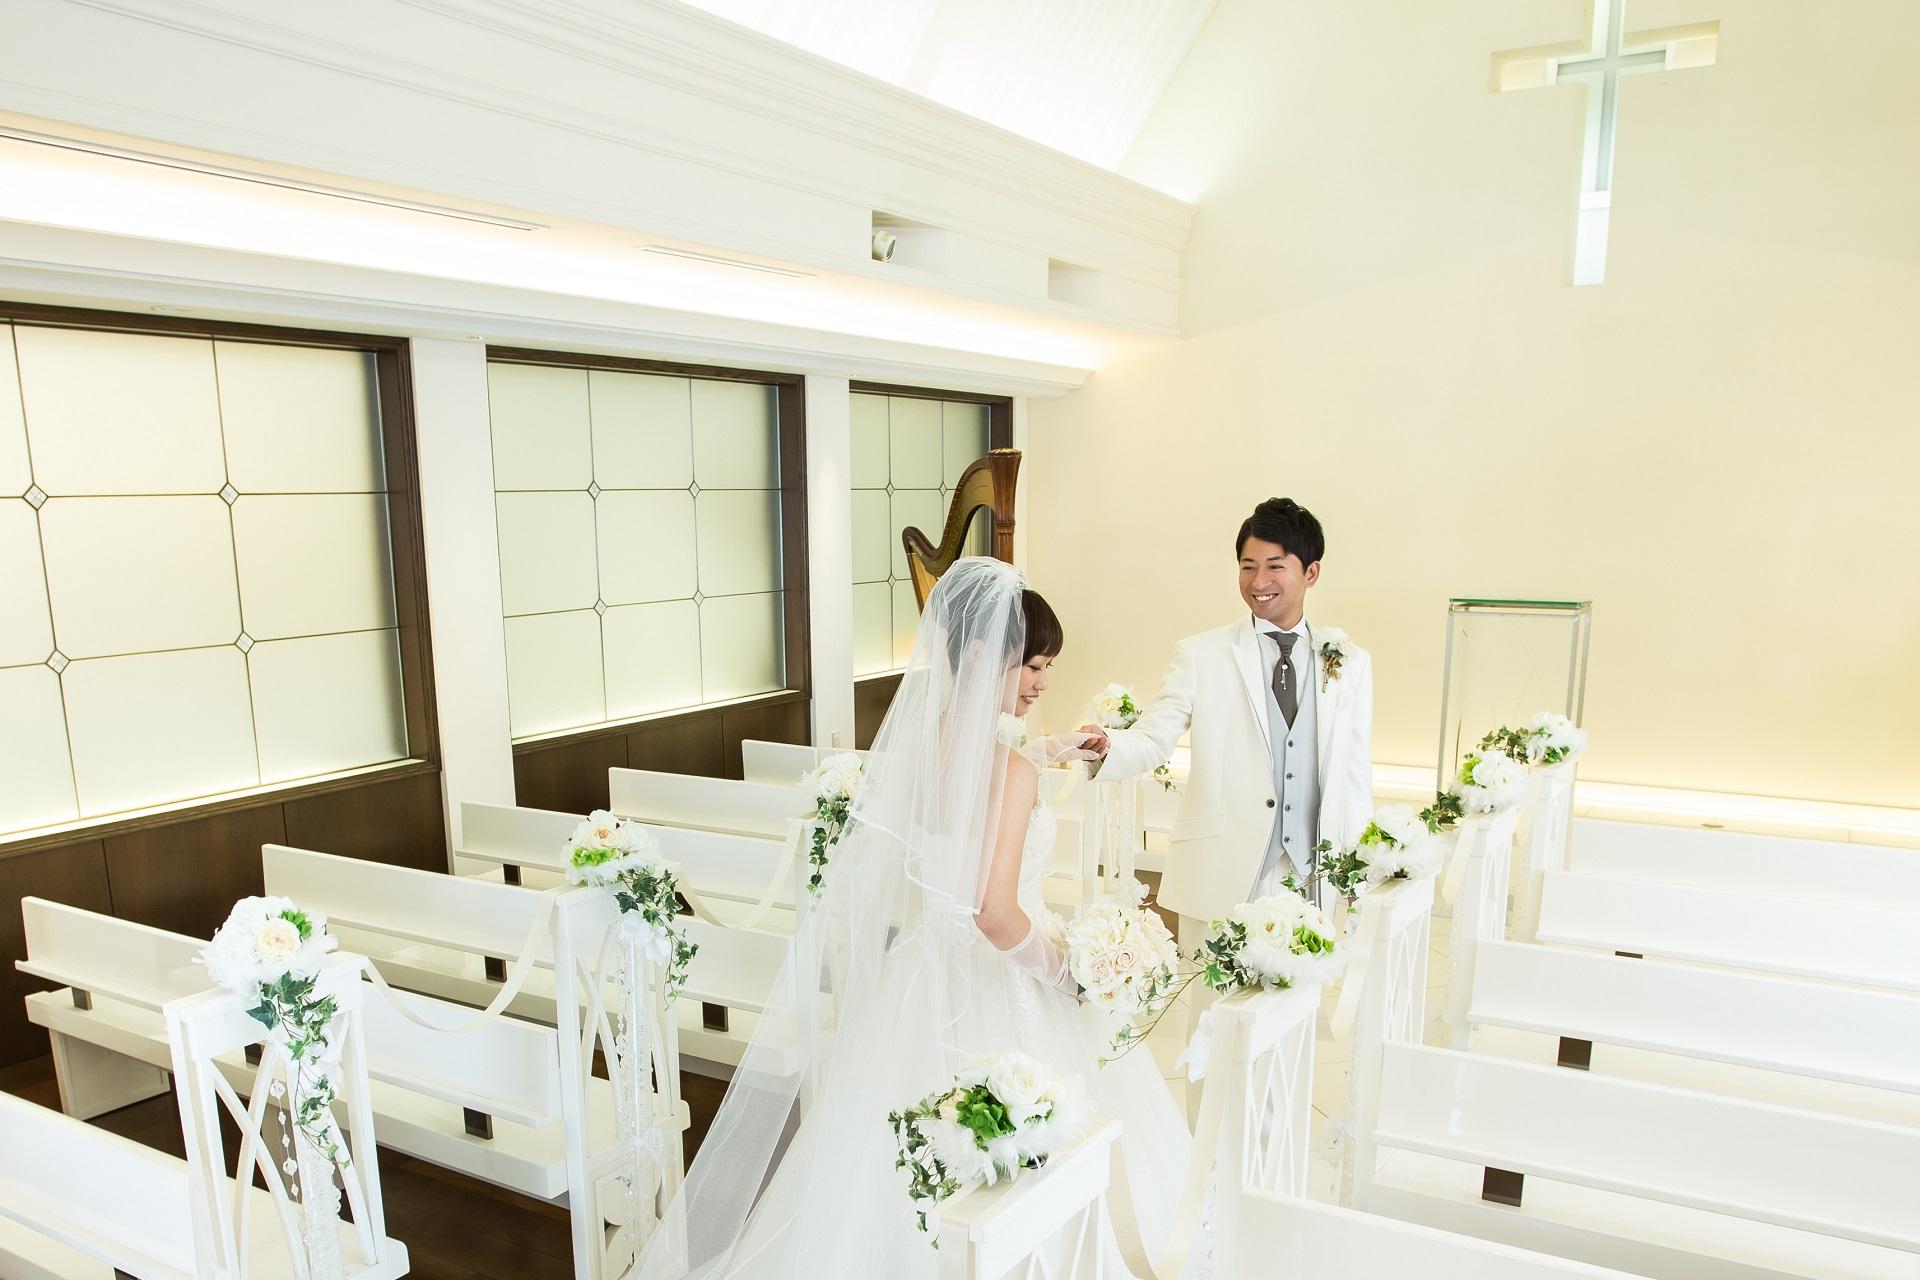 フォトウエディングプラン(洋装プラン)|レンブラントホテル大分【公式】婚礼サイト